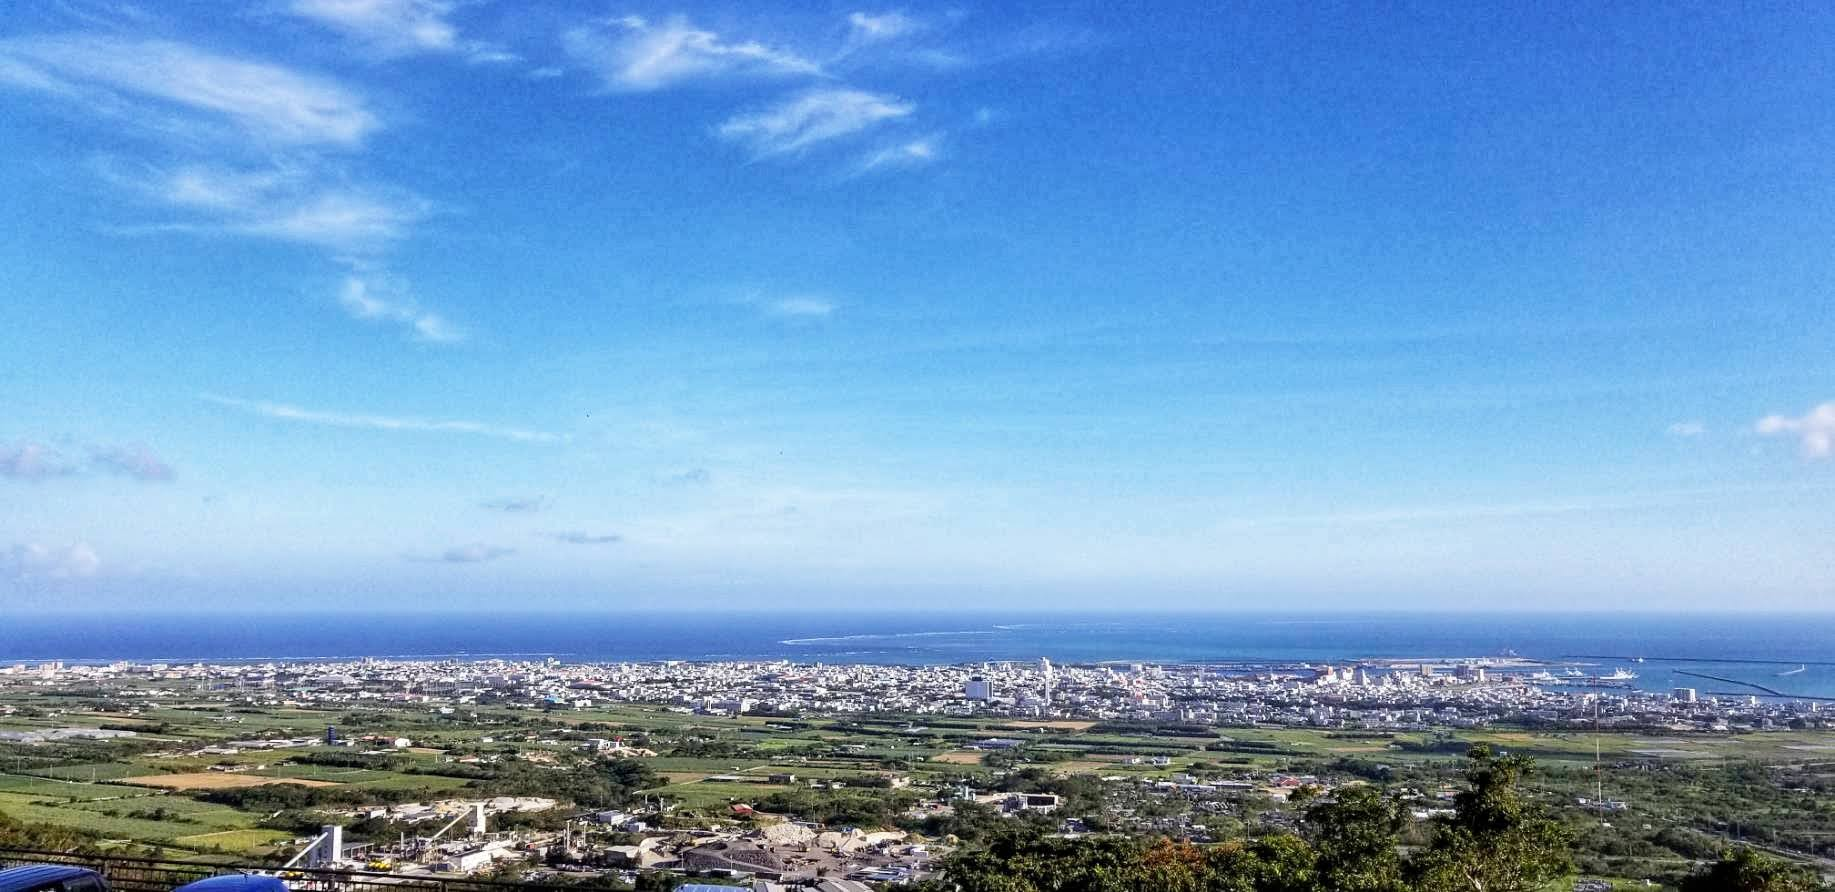 バンナ公園 石垣島 絶景 スポット 沖縄 離島 観光 旅行 景色 風景